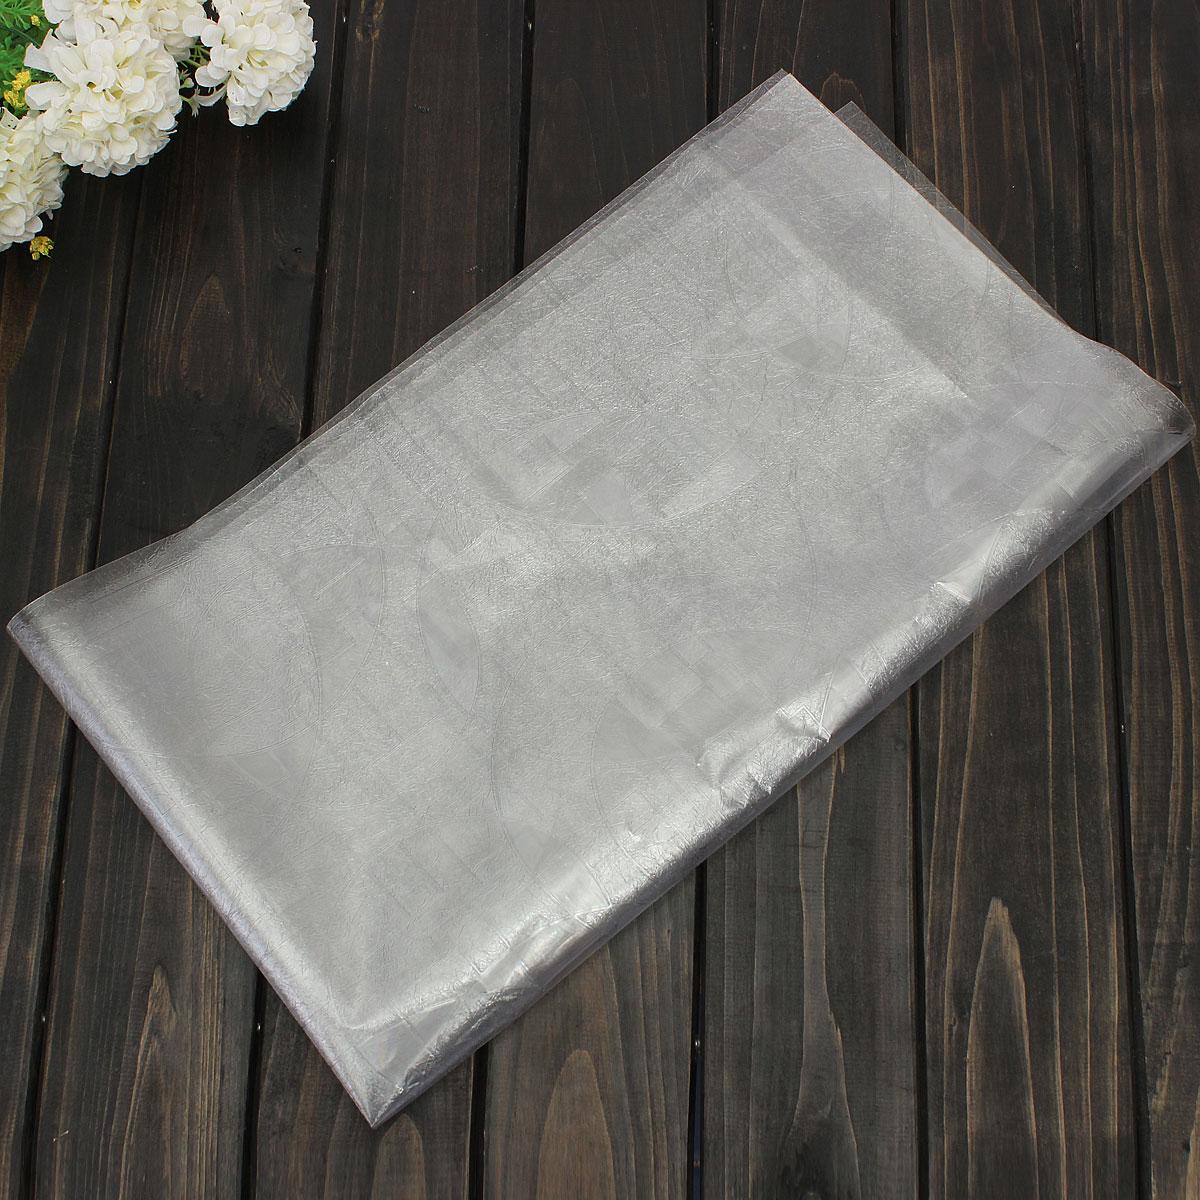 Begehbare Dusche Spritzwasser : dusche fenster folie folie f r fenster dusche glast re v2 blumenranke [R